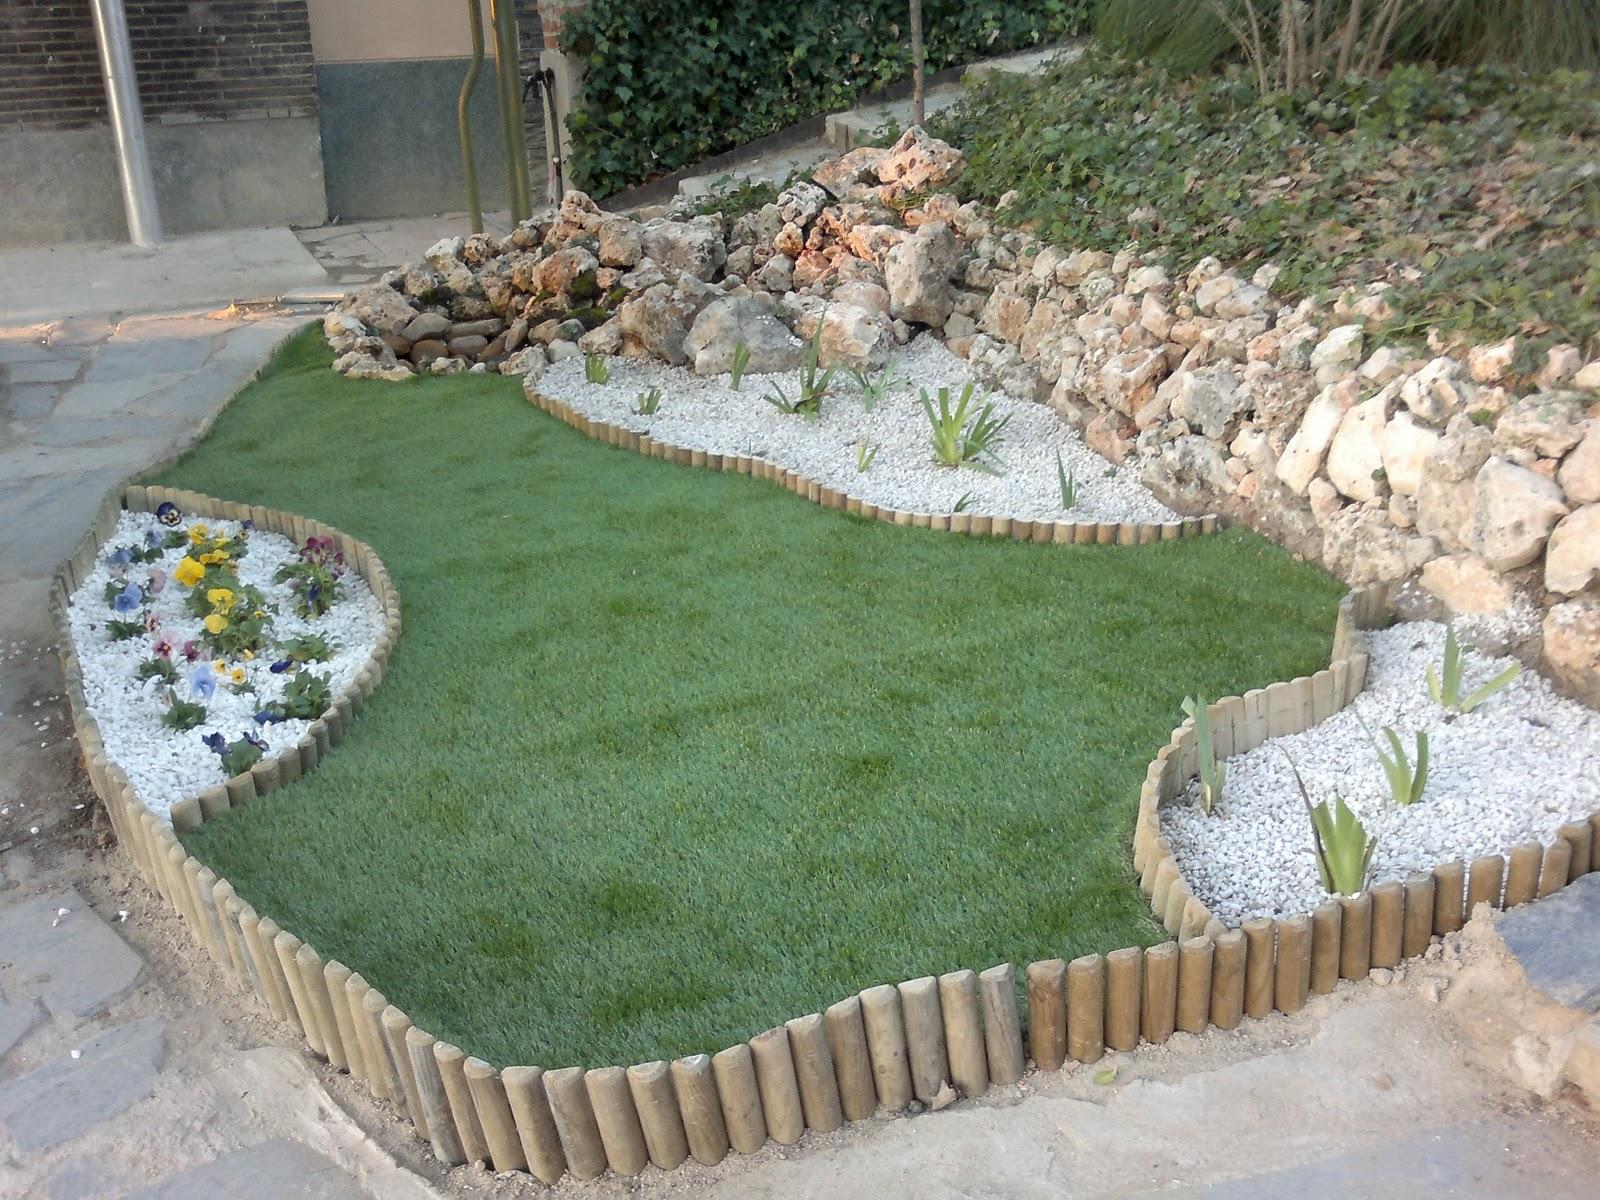 Arte y jardiner a arriate con estanque y c sped artificial for Arriate jardin